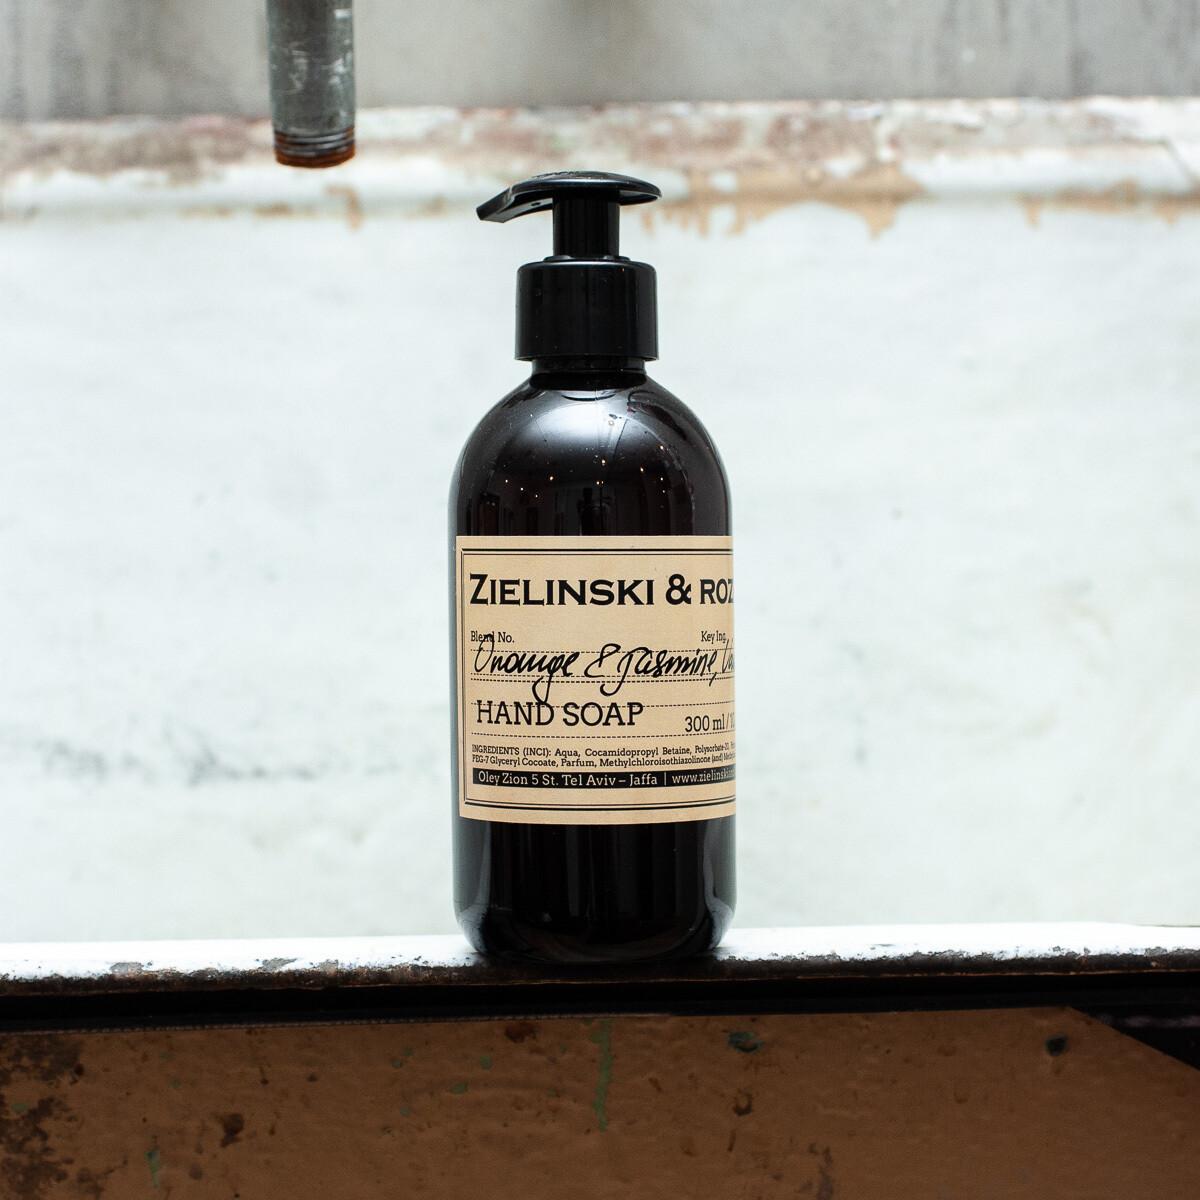 Жидкое мыло ZIELINSKI & ROZEN (300мл)